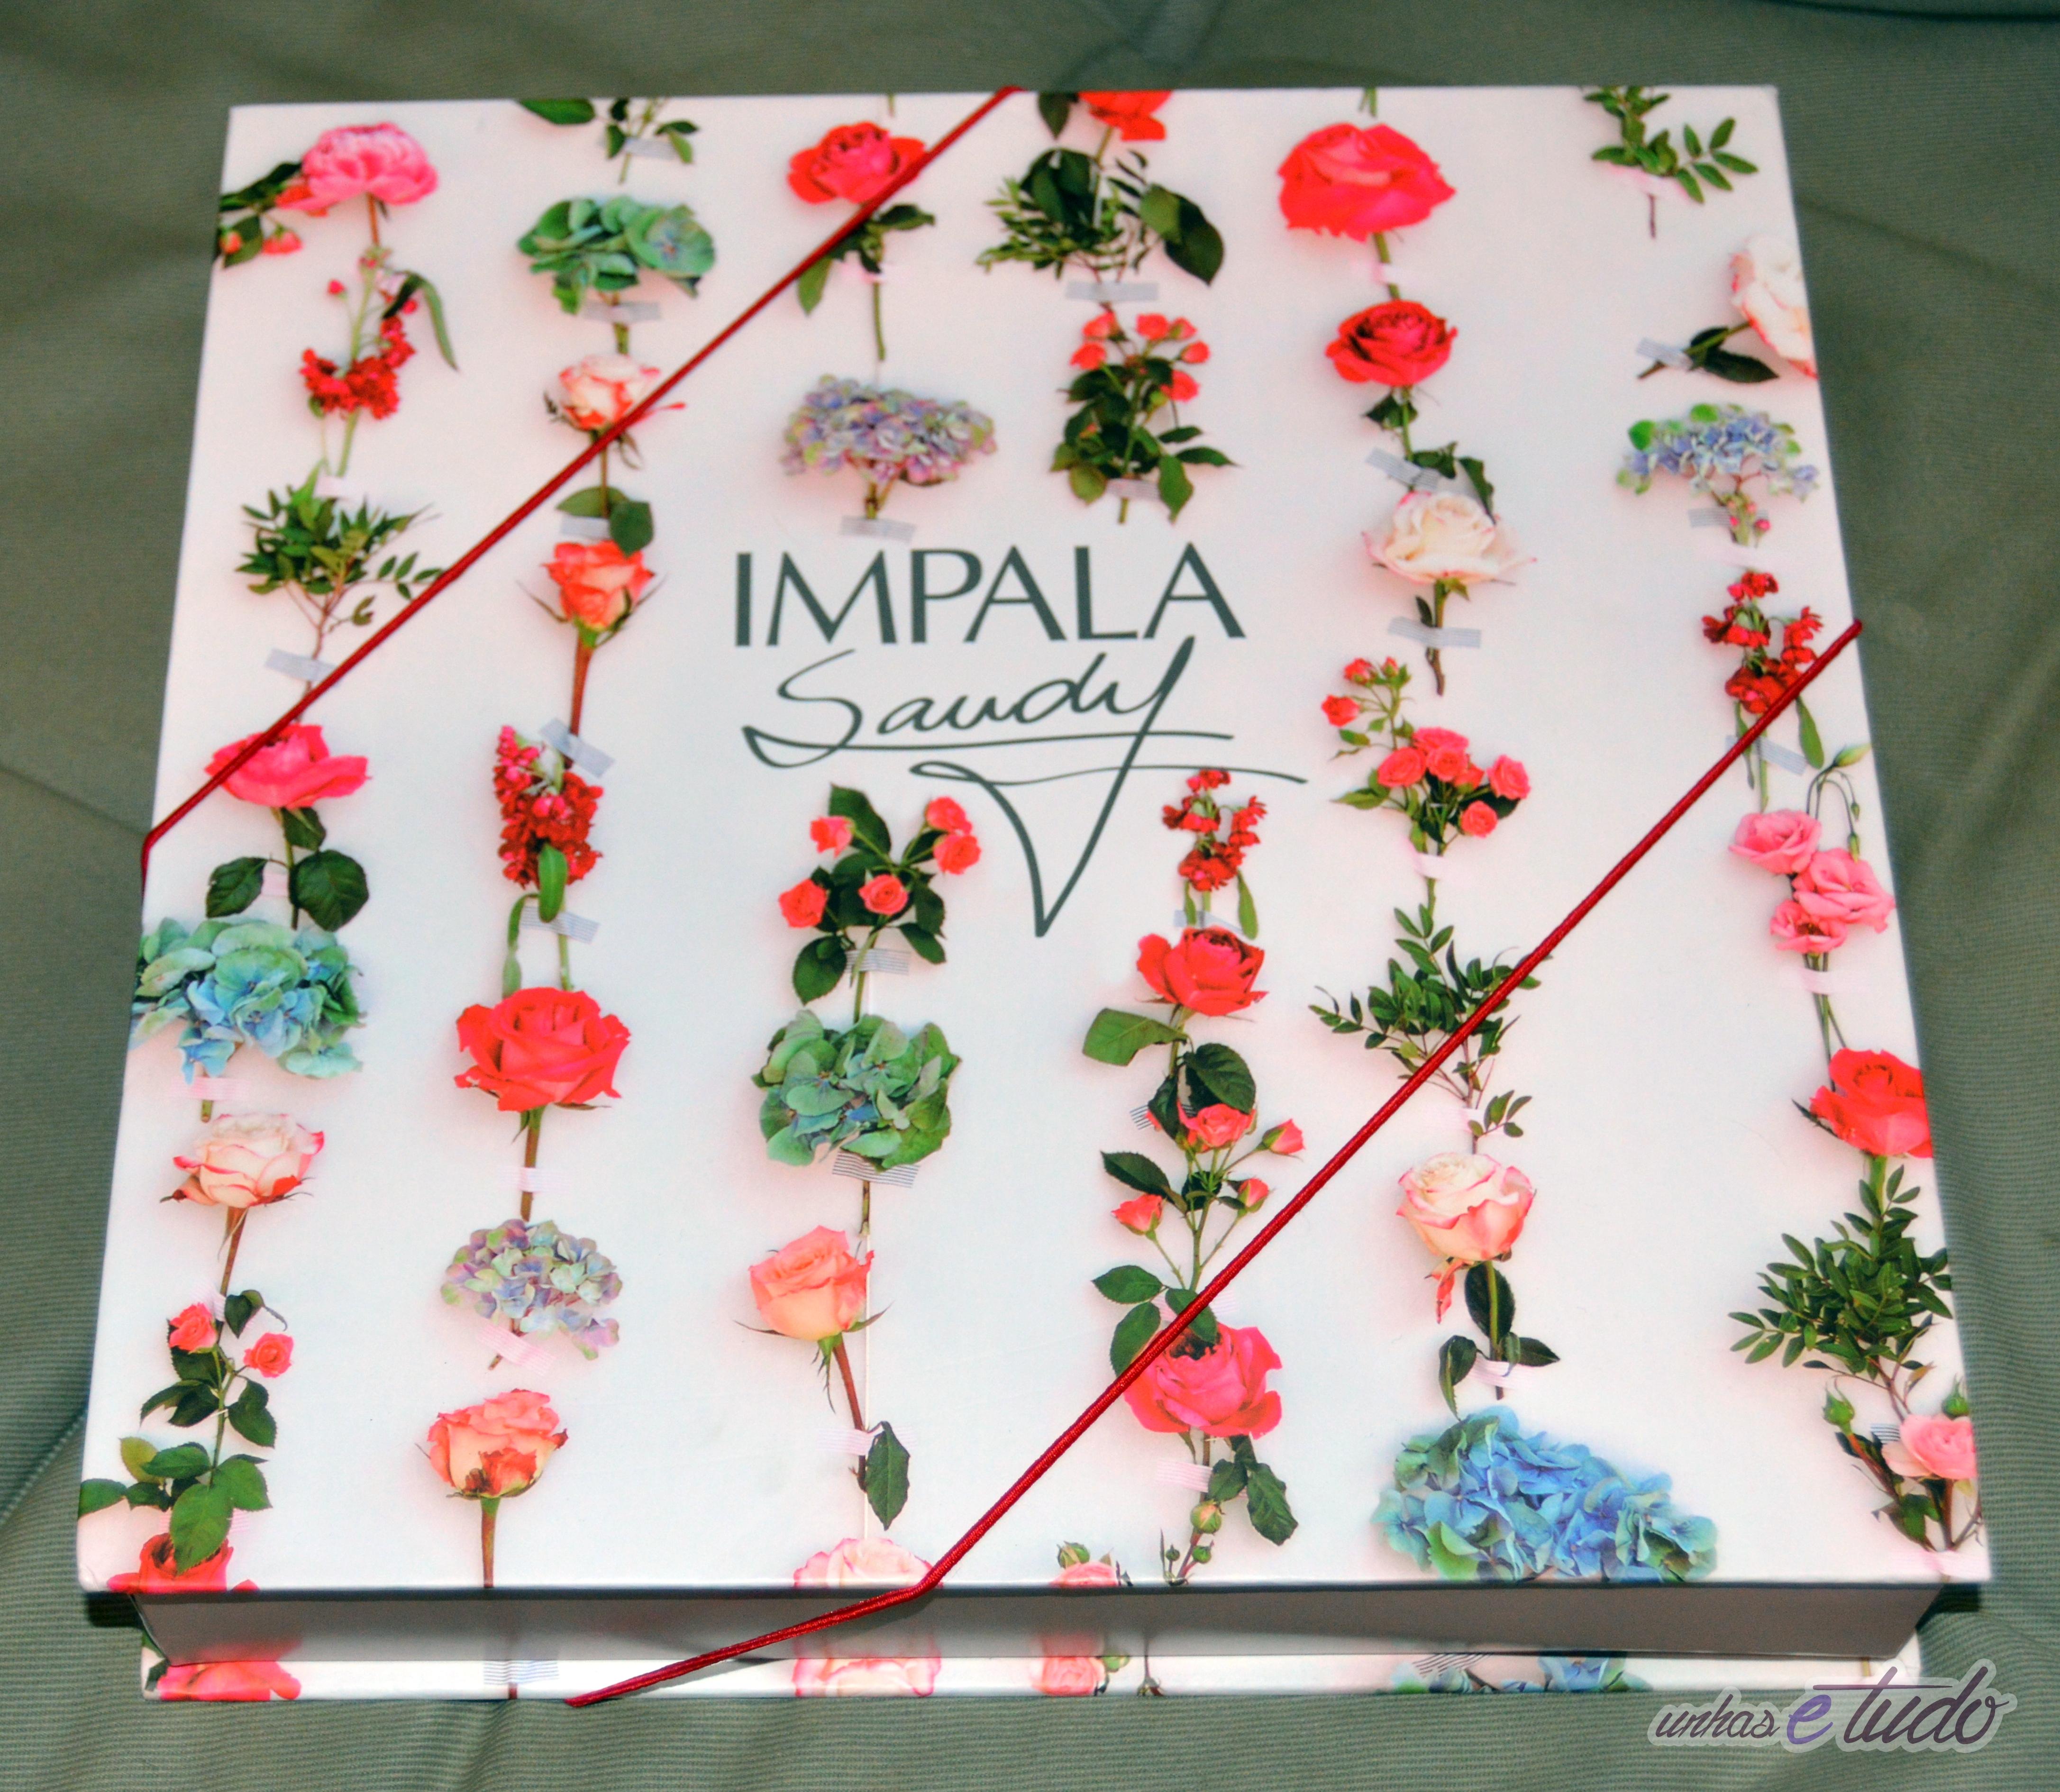 Coleção Impala Sandy Primavera/Verão